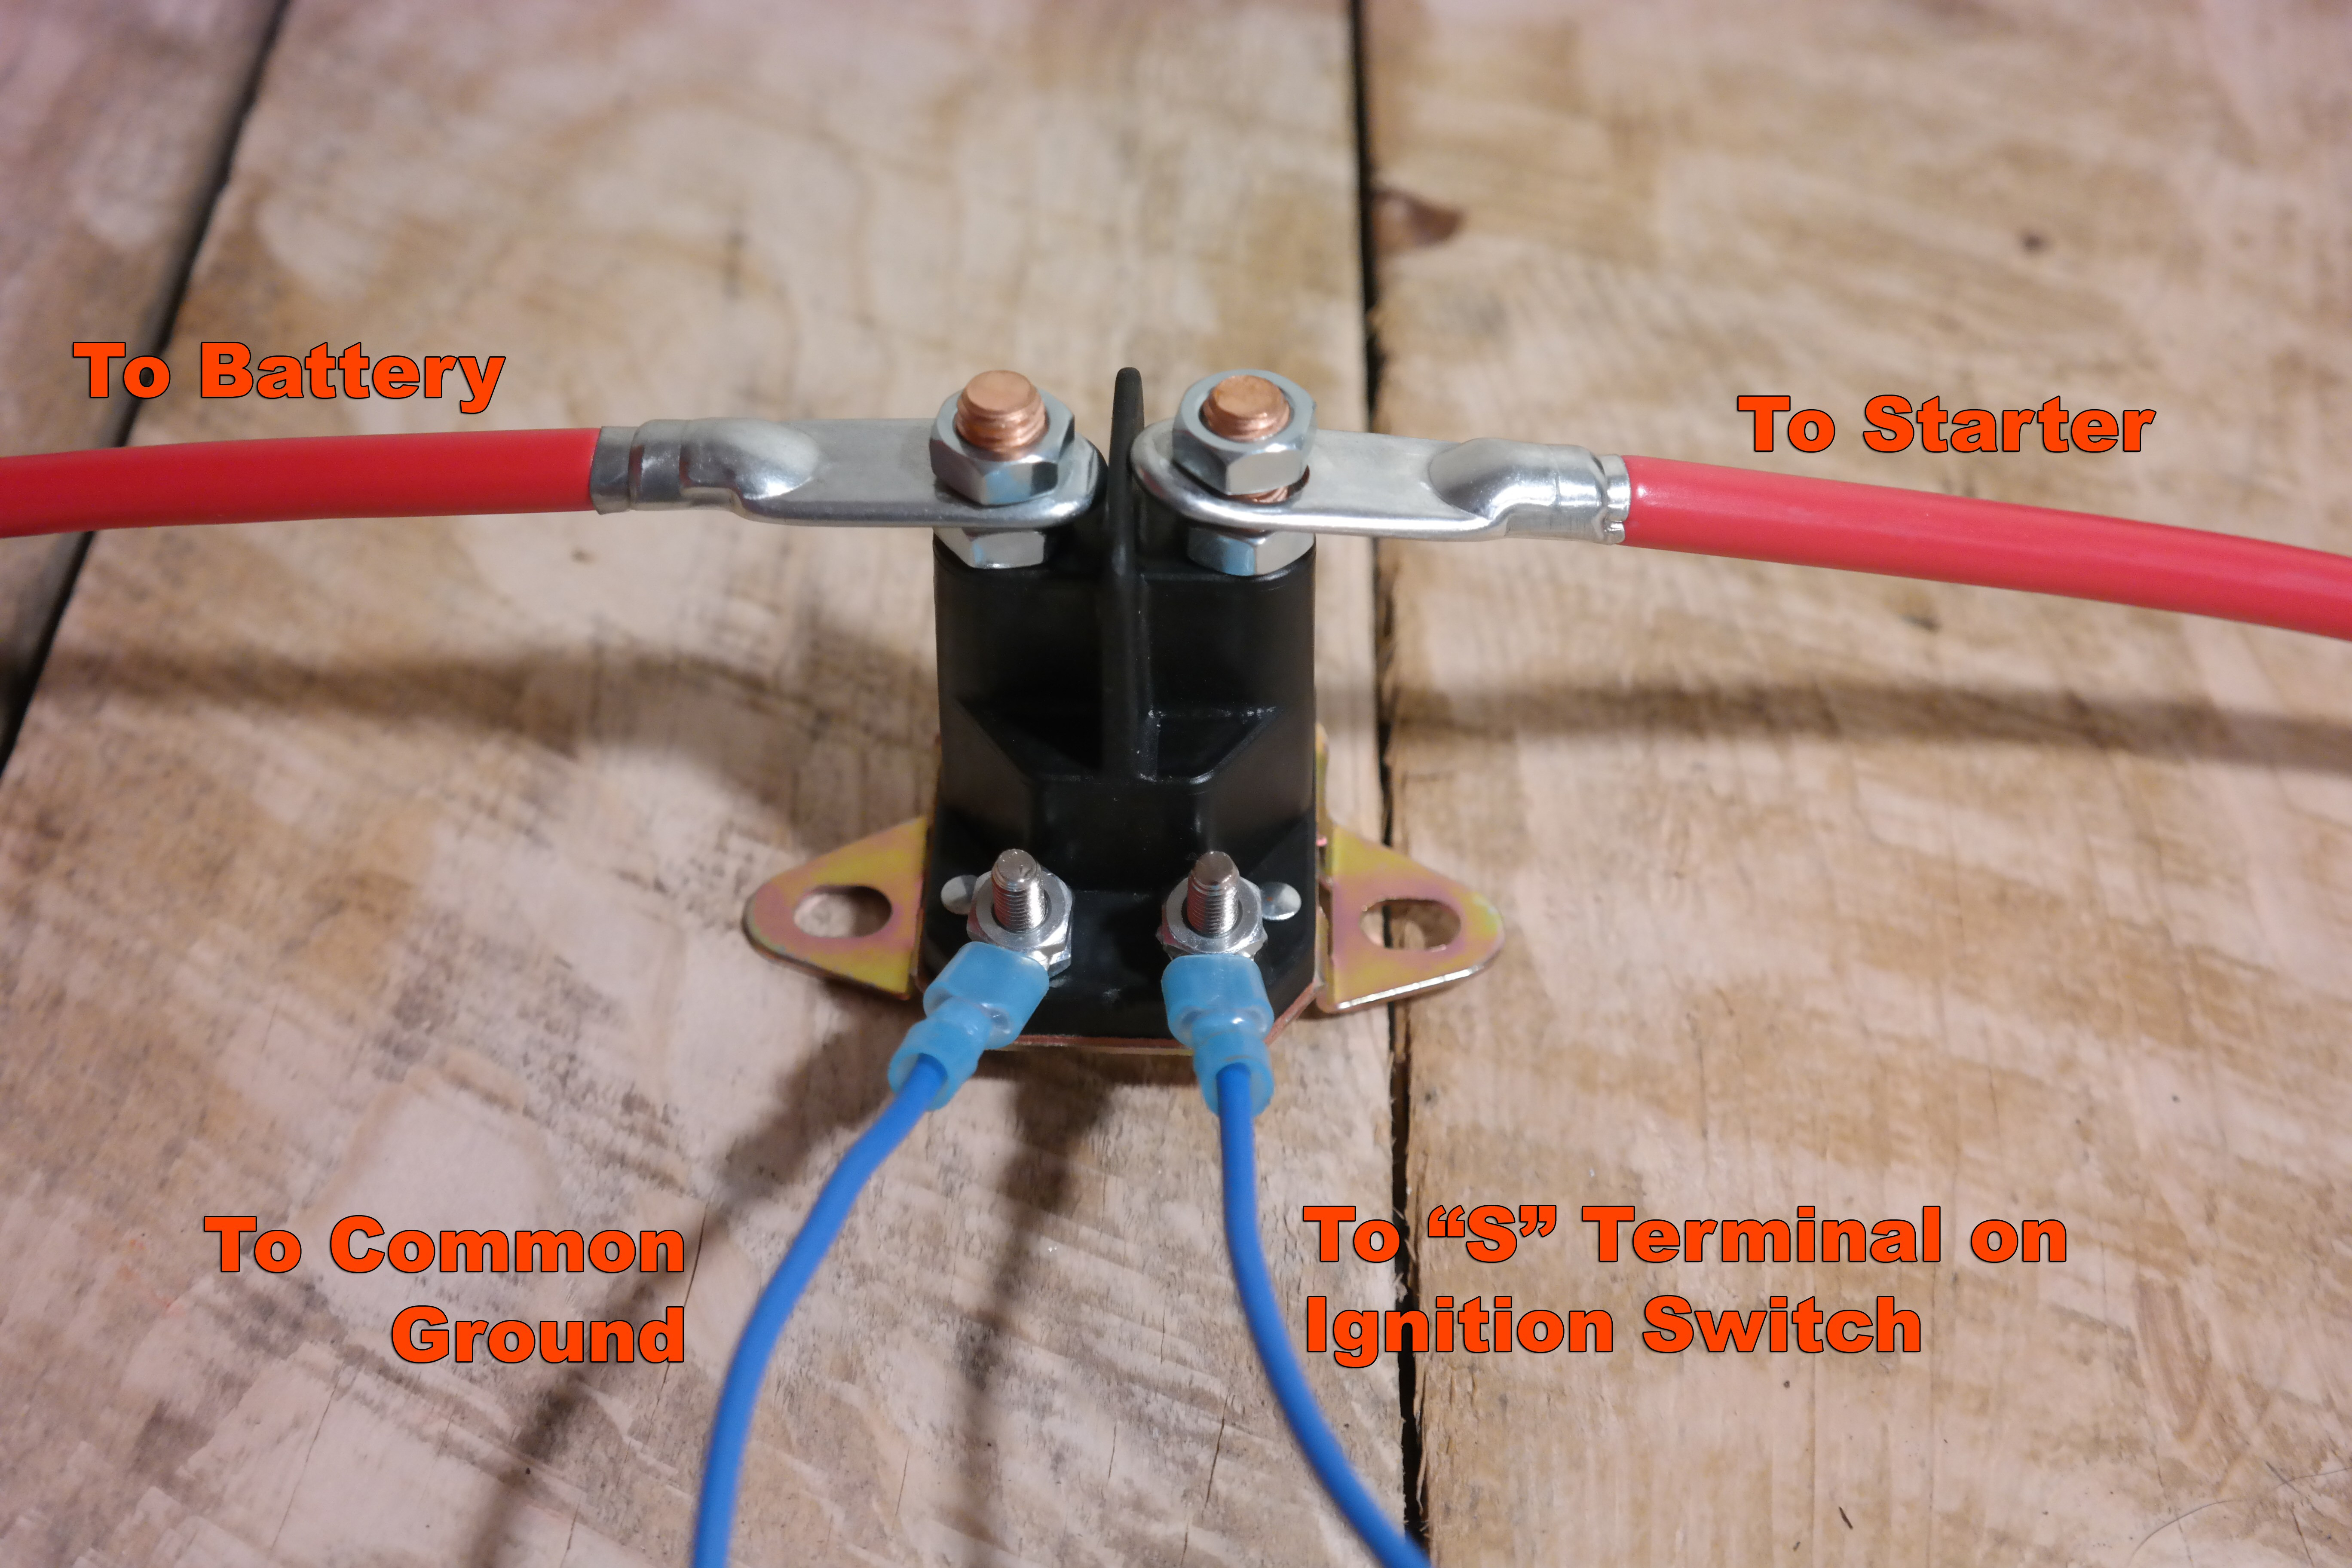 Lawn Mower Solenoid Wiring Diagram | Wiring Library - Riding Lawn Mower Starter Solenoid Wiring Diagram